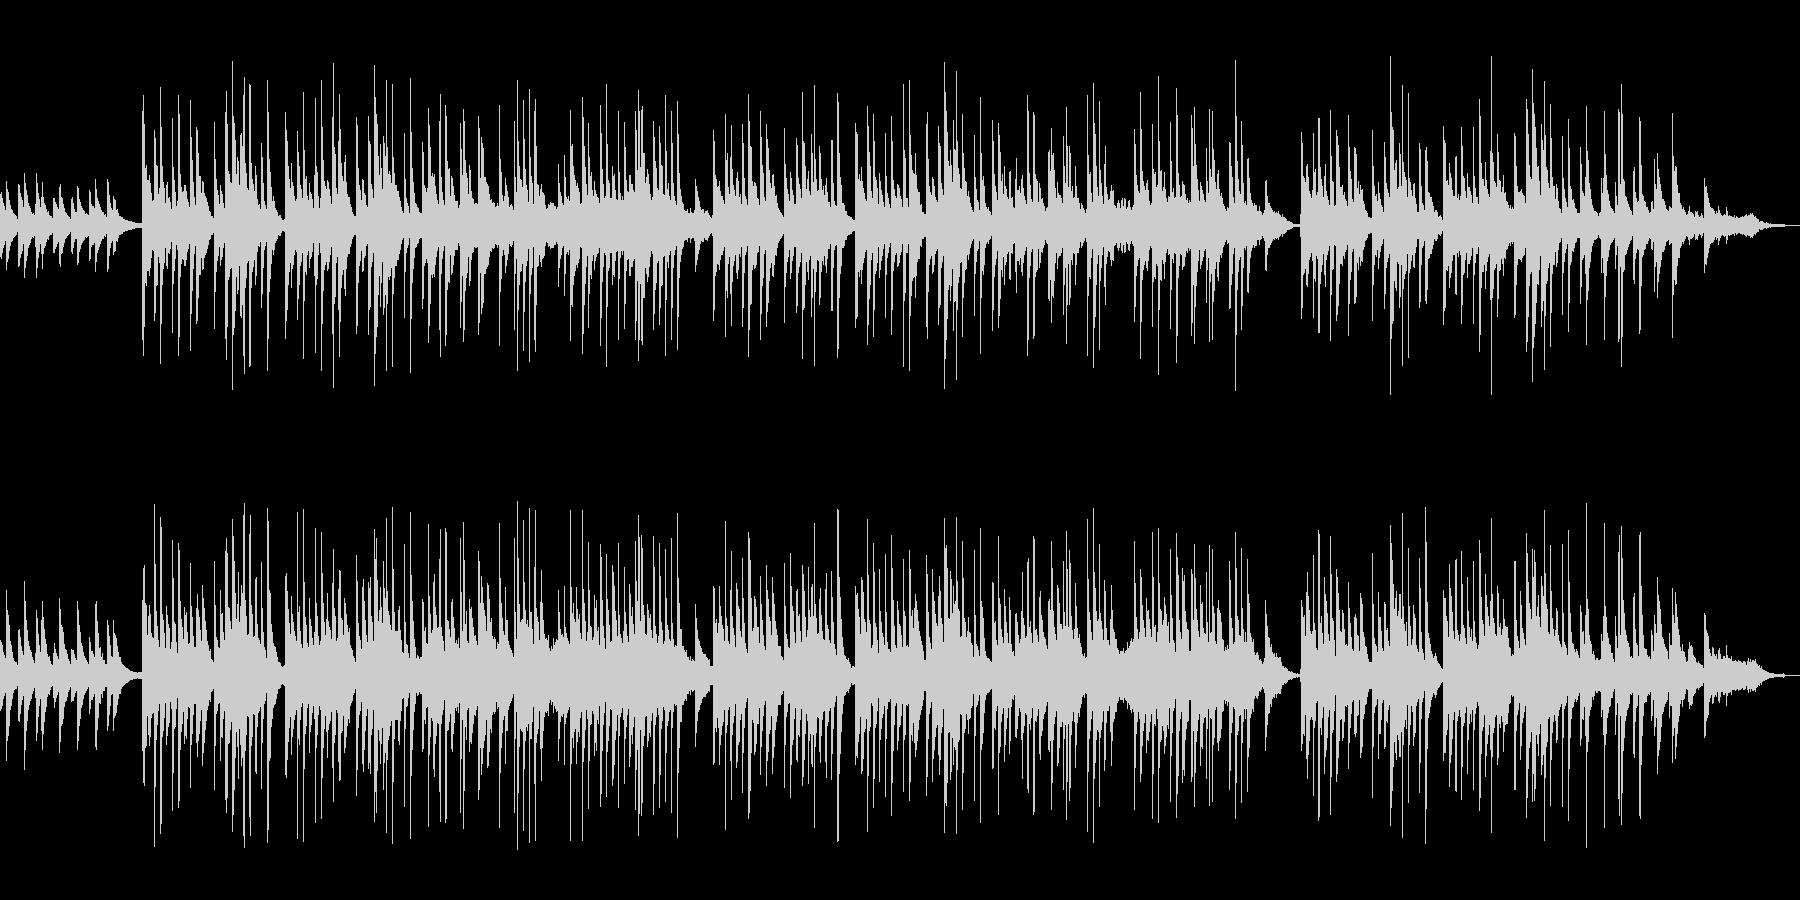 琴とピアノのワルツ曲の未再生の波形